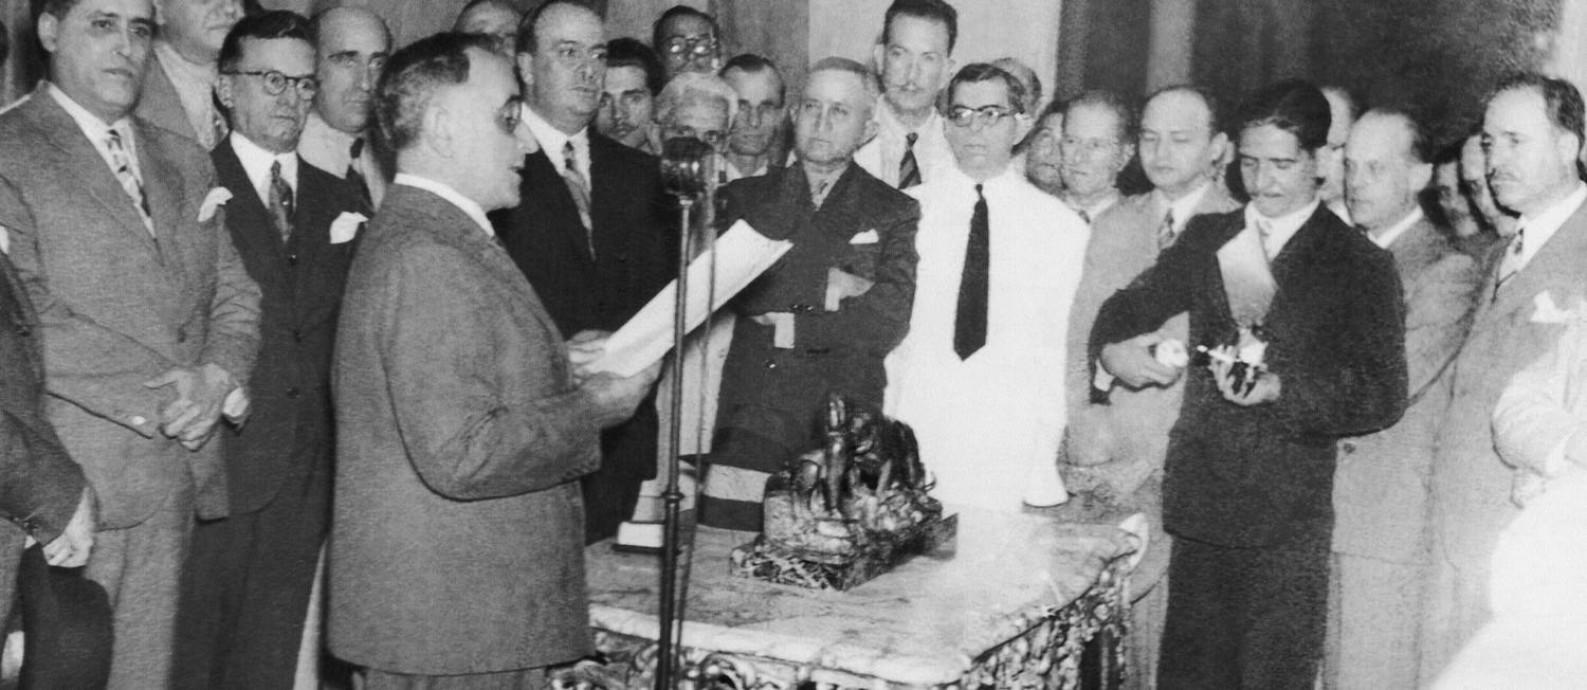 """Getúlio Vargas inicia o período ditatorial conhecido como """"Estado Novo"""" (Foto: Divulgação)"""